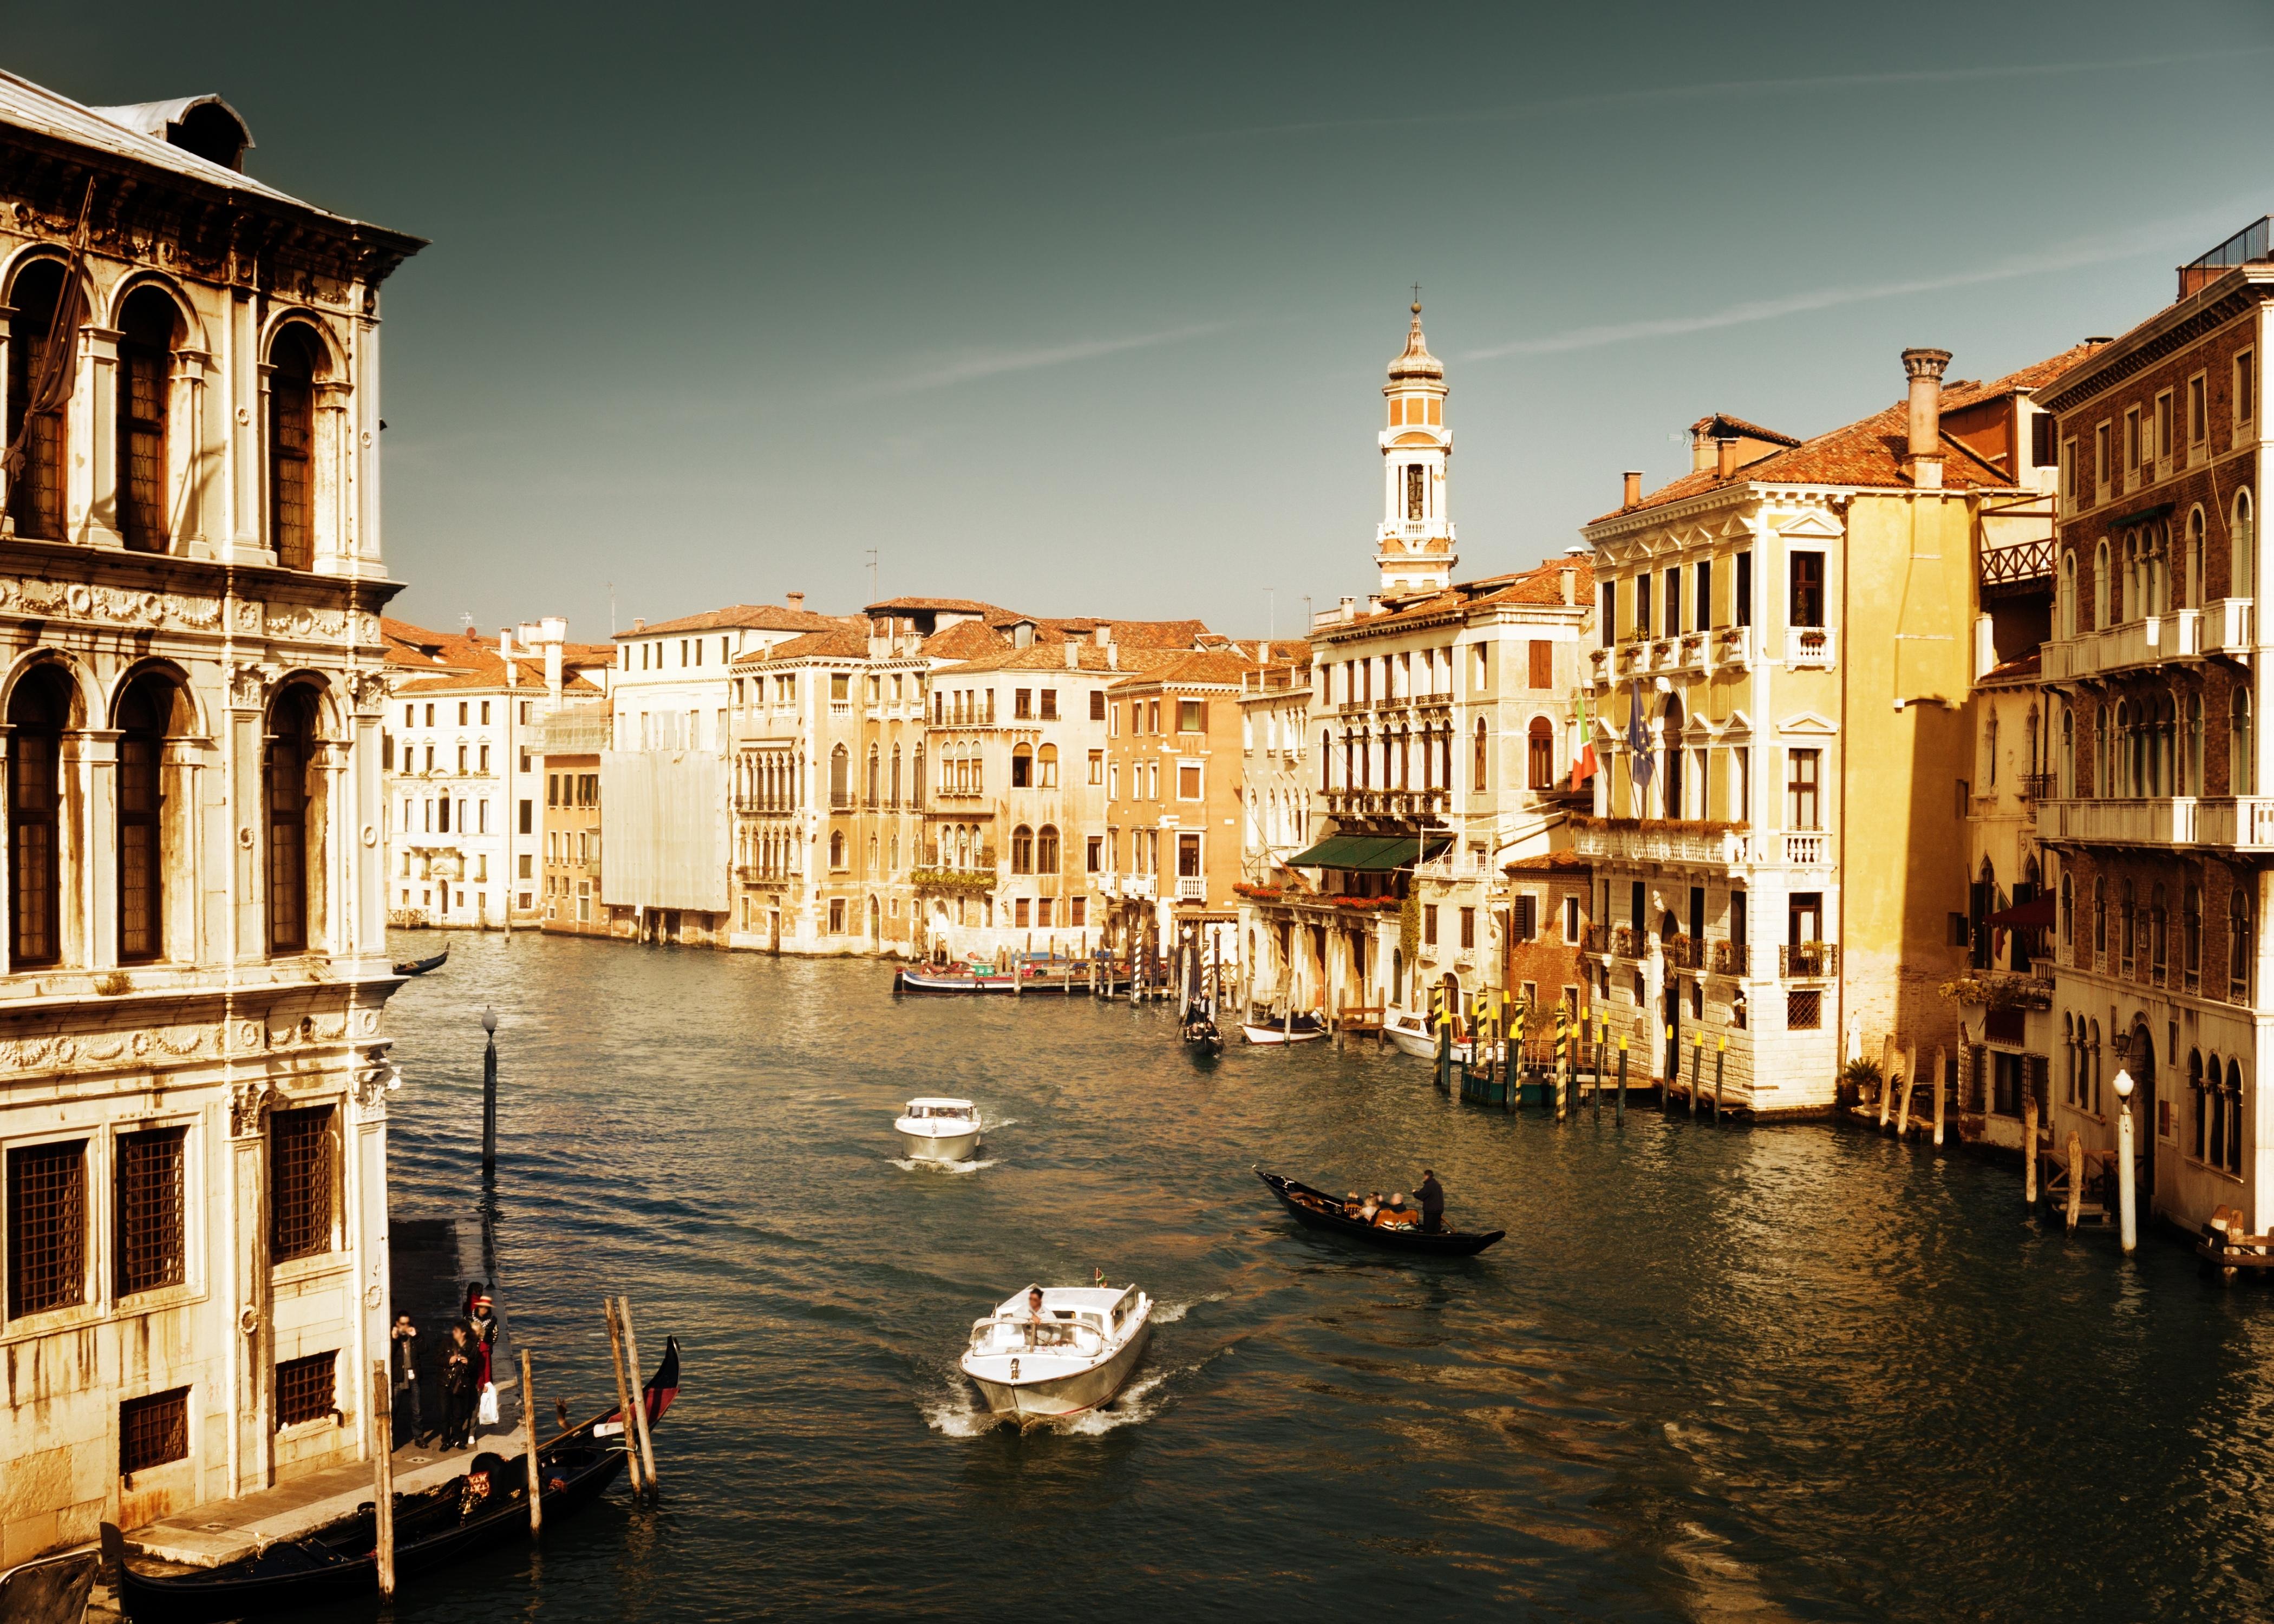 своей виды венеции фото высокого разрешения догана его единственный